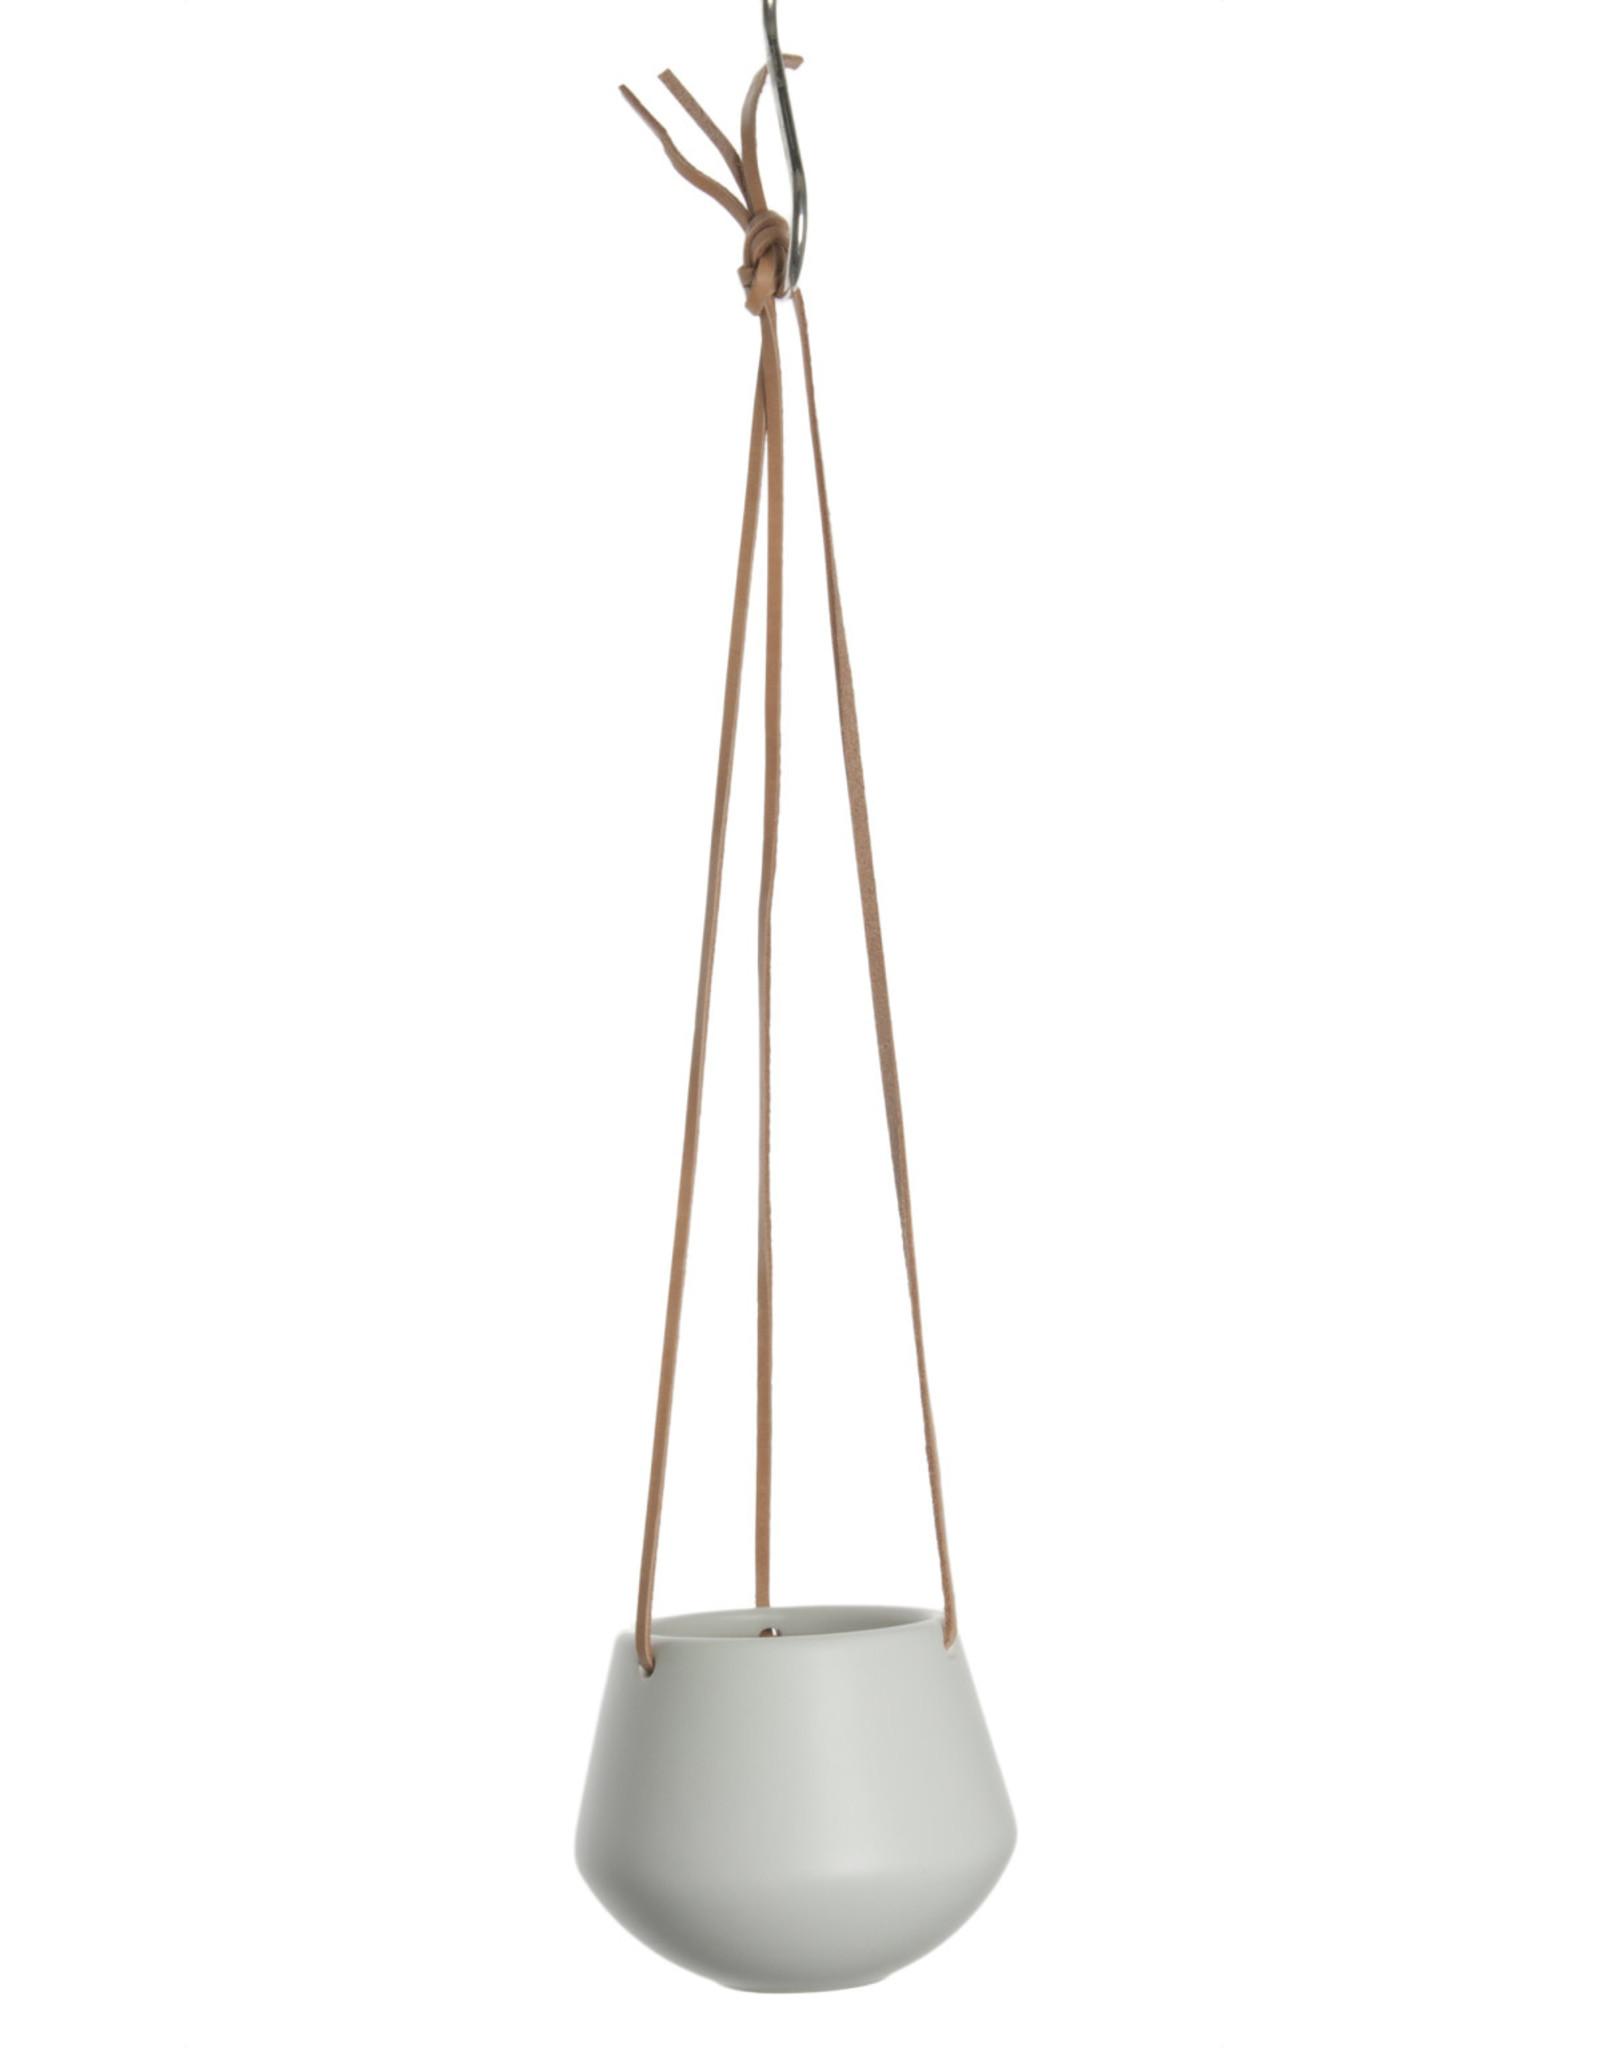 pt Skittle pot à suspendre Ø9 cm, length 66 cm - Matt white